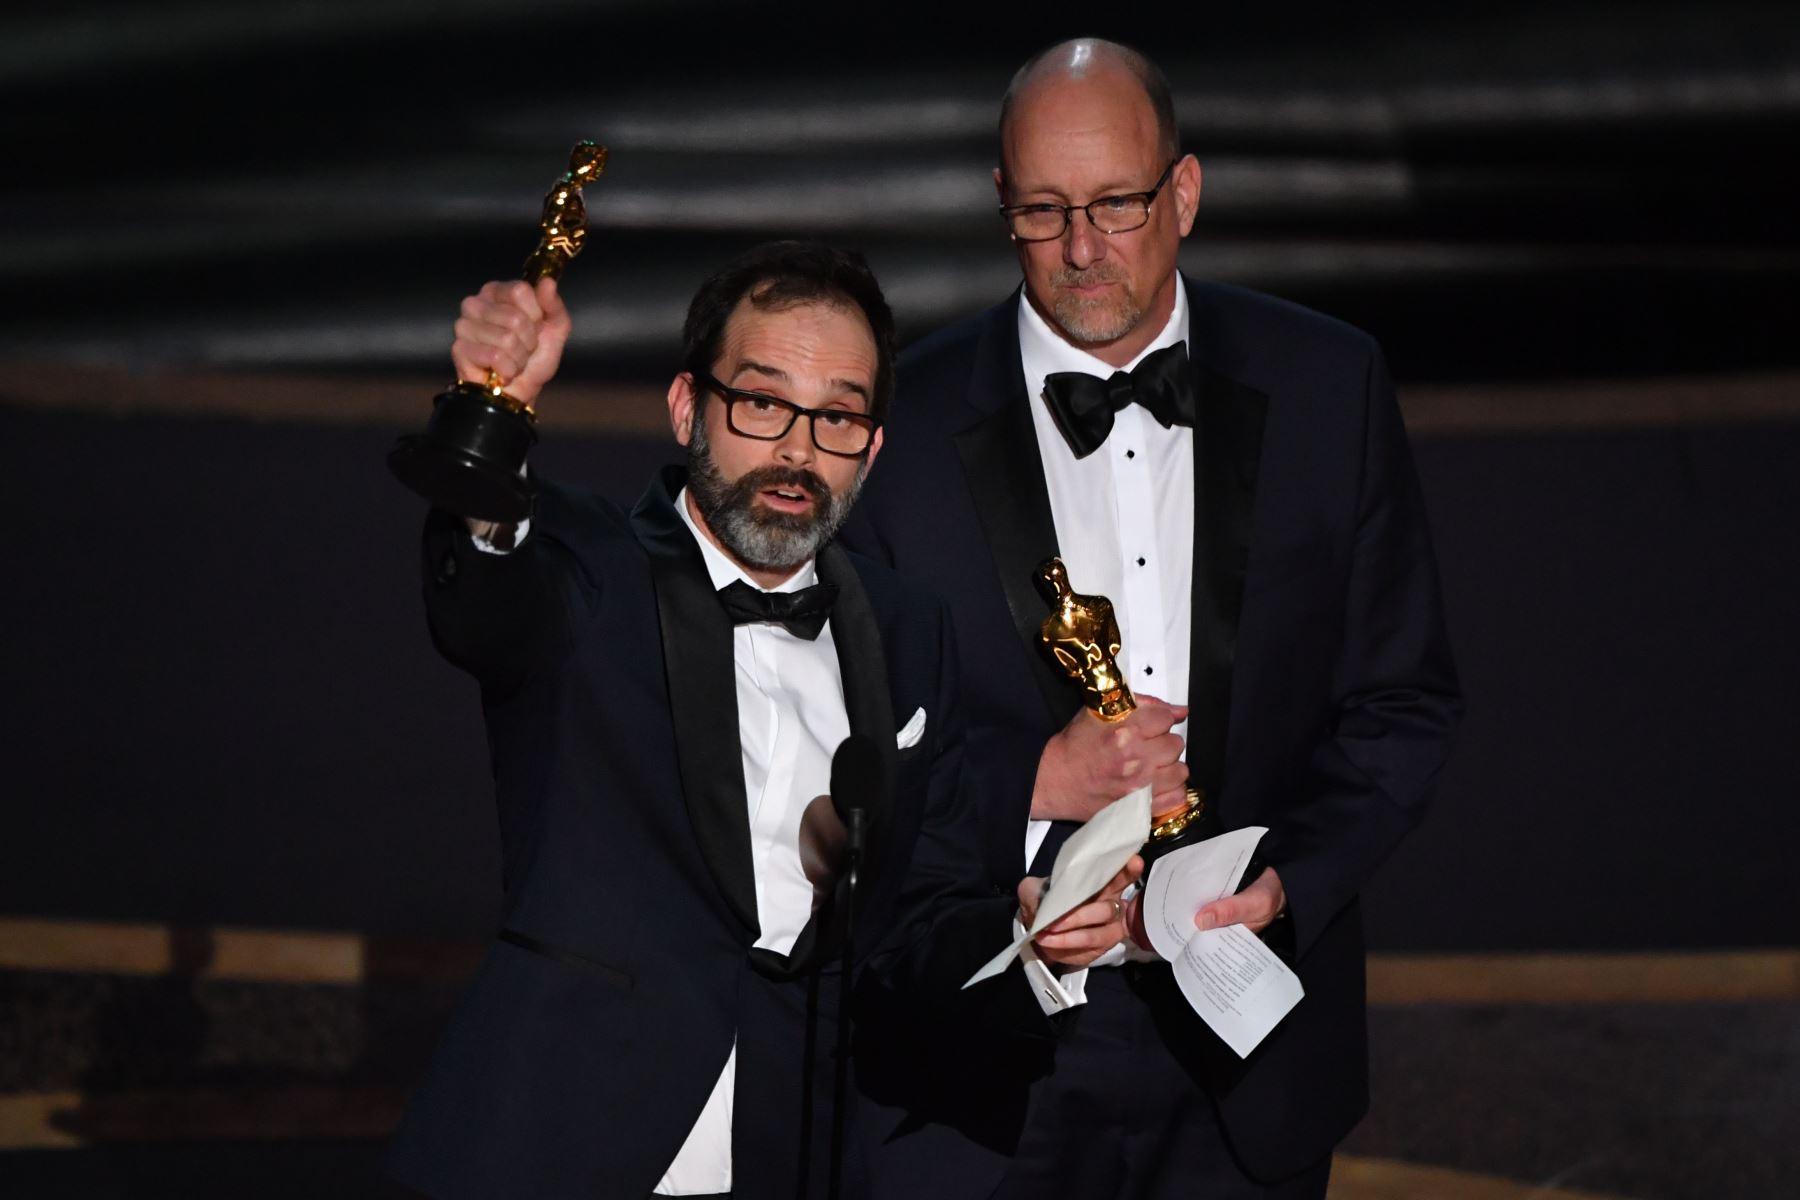 """Los editores de cine de los Estados Unidos Andrew Buckland (izq.) Y Michael McCusker aceptan el premio a la Mejor Edición de Cine por """"Ford v Ferrari"""" durante los 92o Oscars en el Dolby Theatre de Hollywood, California. Foto: AFP"""